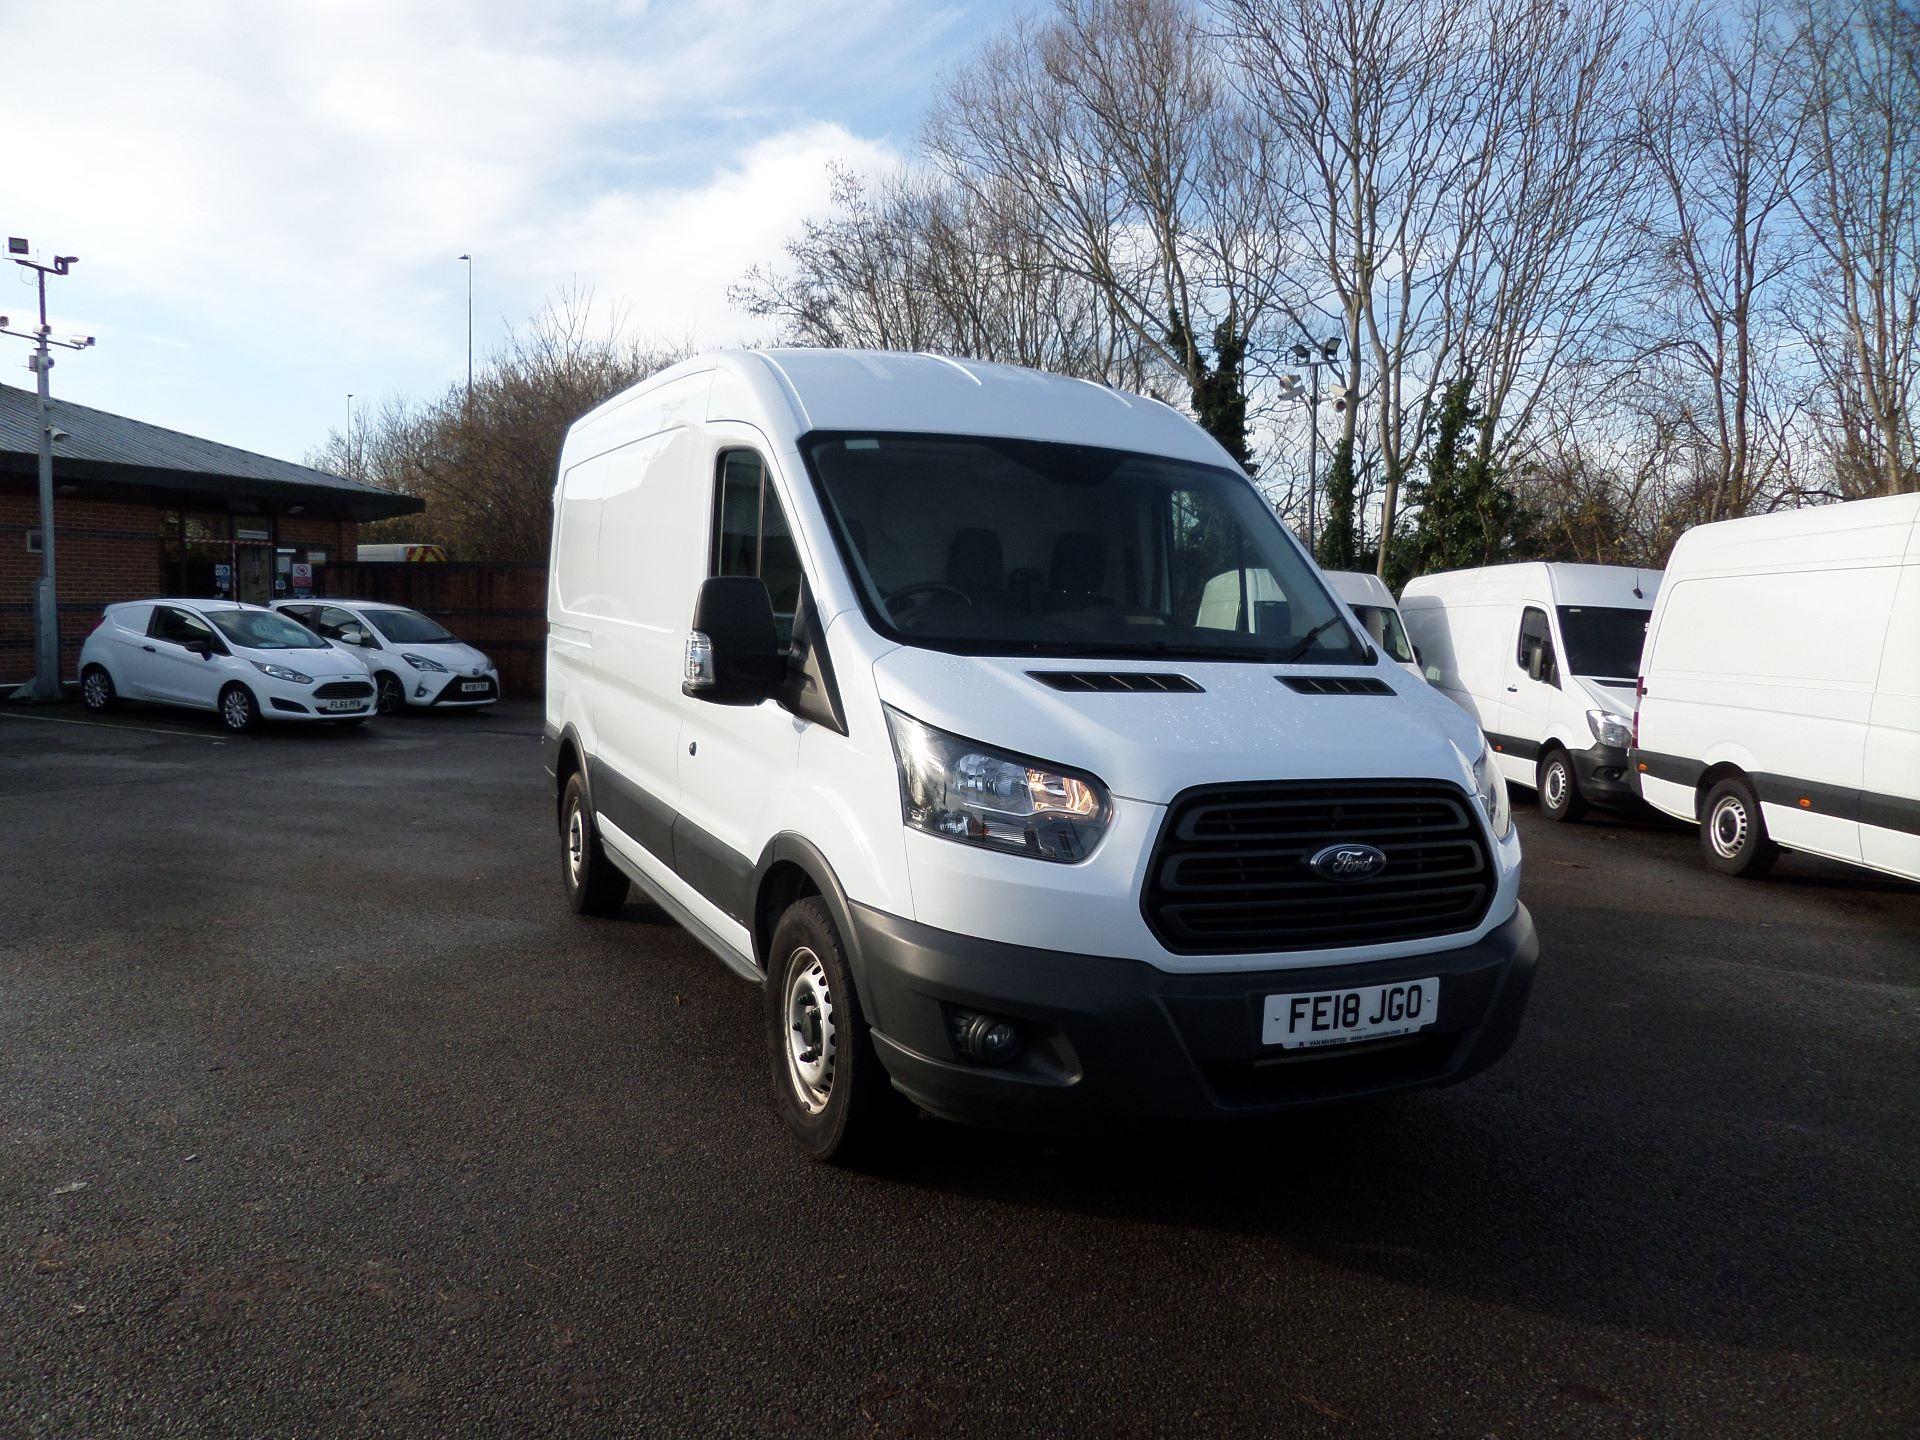 2018 Ford Transit 2.0 Tdci 130Ps H2/L2 Van Euro 6 (FE18JGO)